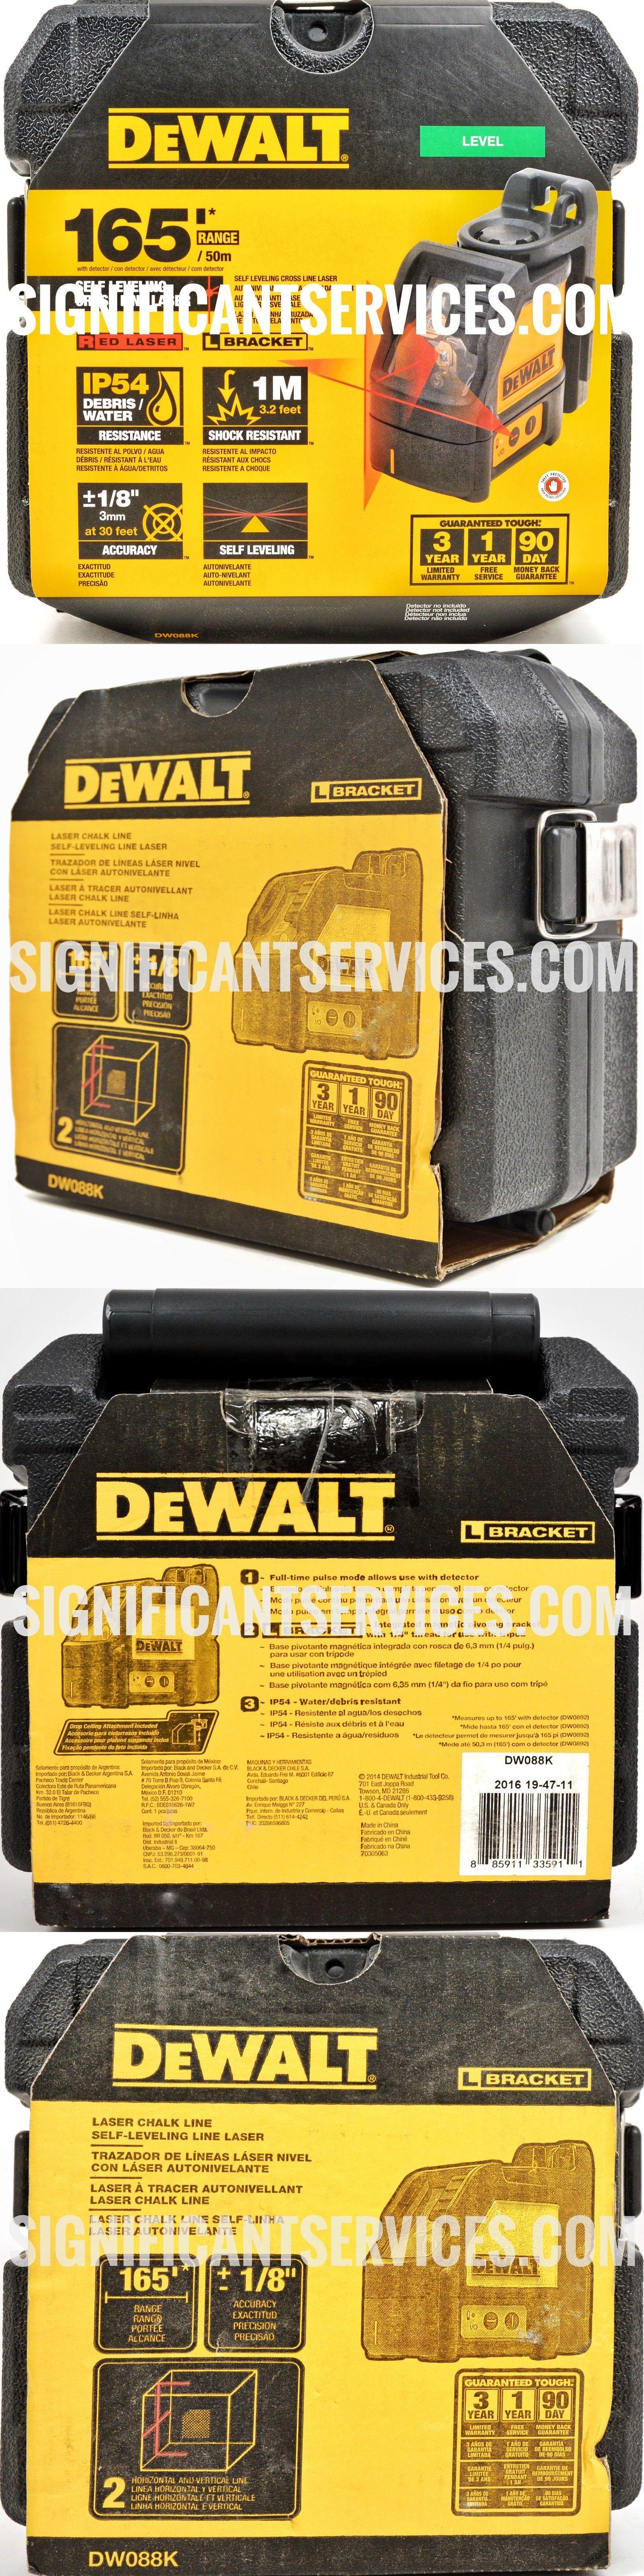 Laser Measuring Tools 126396 Dewalt Dw088k Self Leveling Horizontal Vertical Cross Line Laser Level Brand New Buy It No Dewalt Laser Levels Measuring Tools